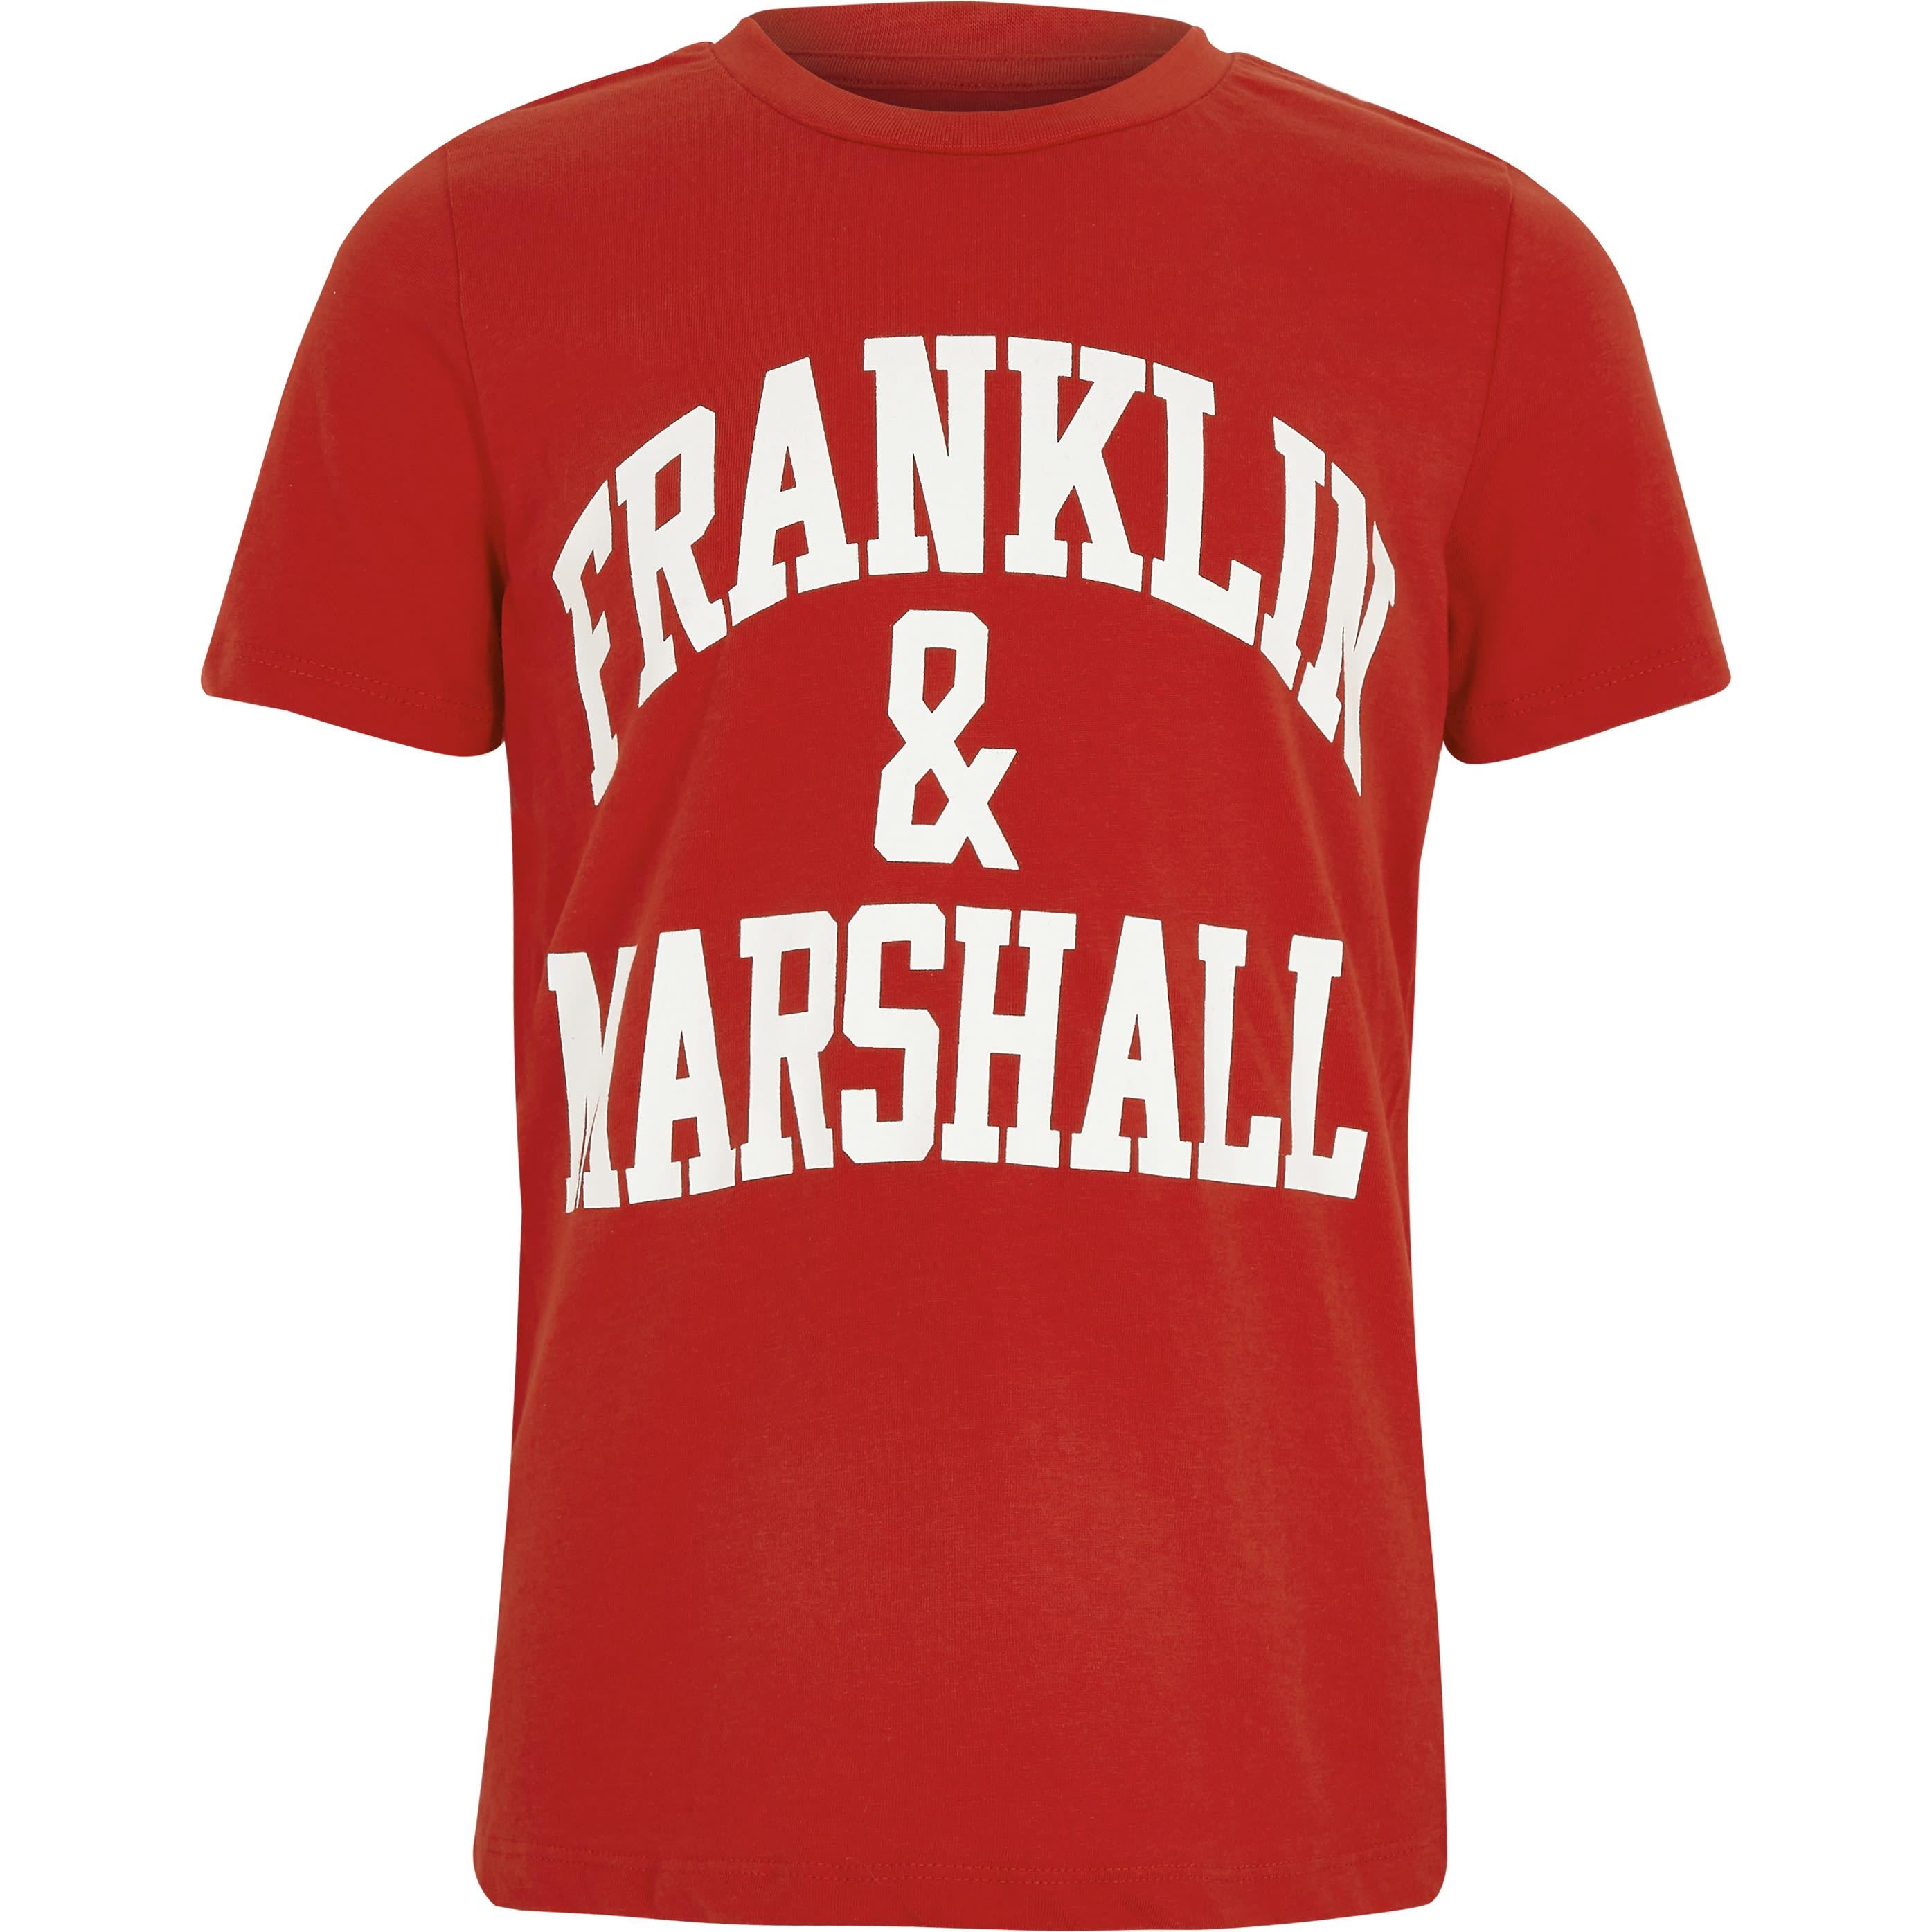 River Island Mens Boys Franklin & Marshall Red print T-shirt (6-7Yrs)